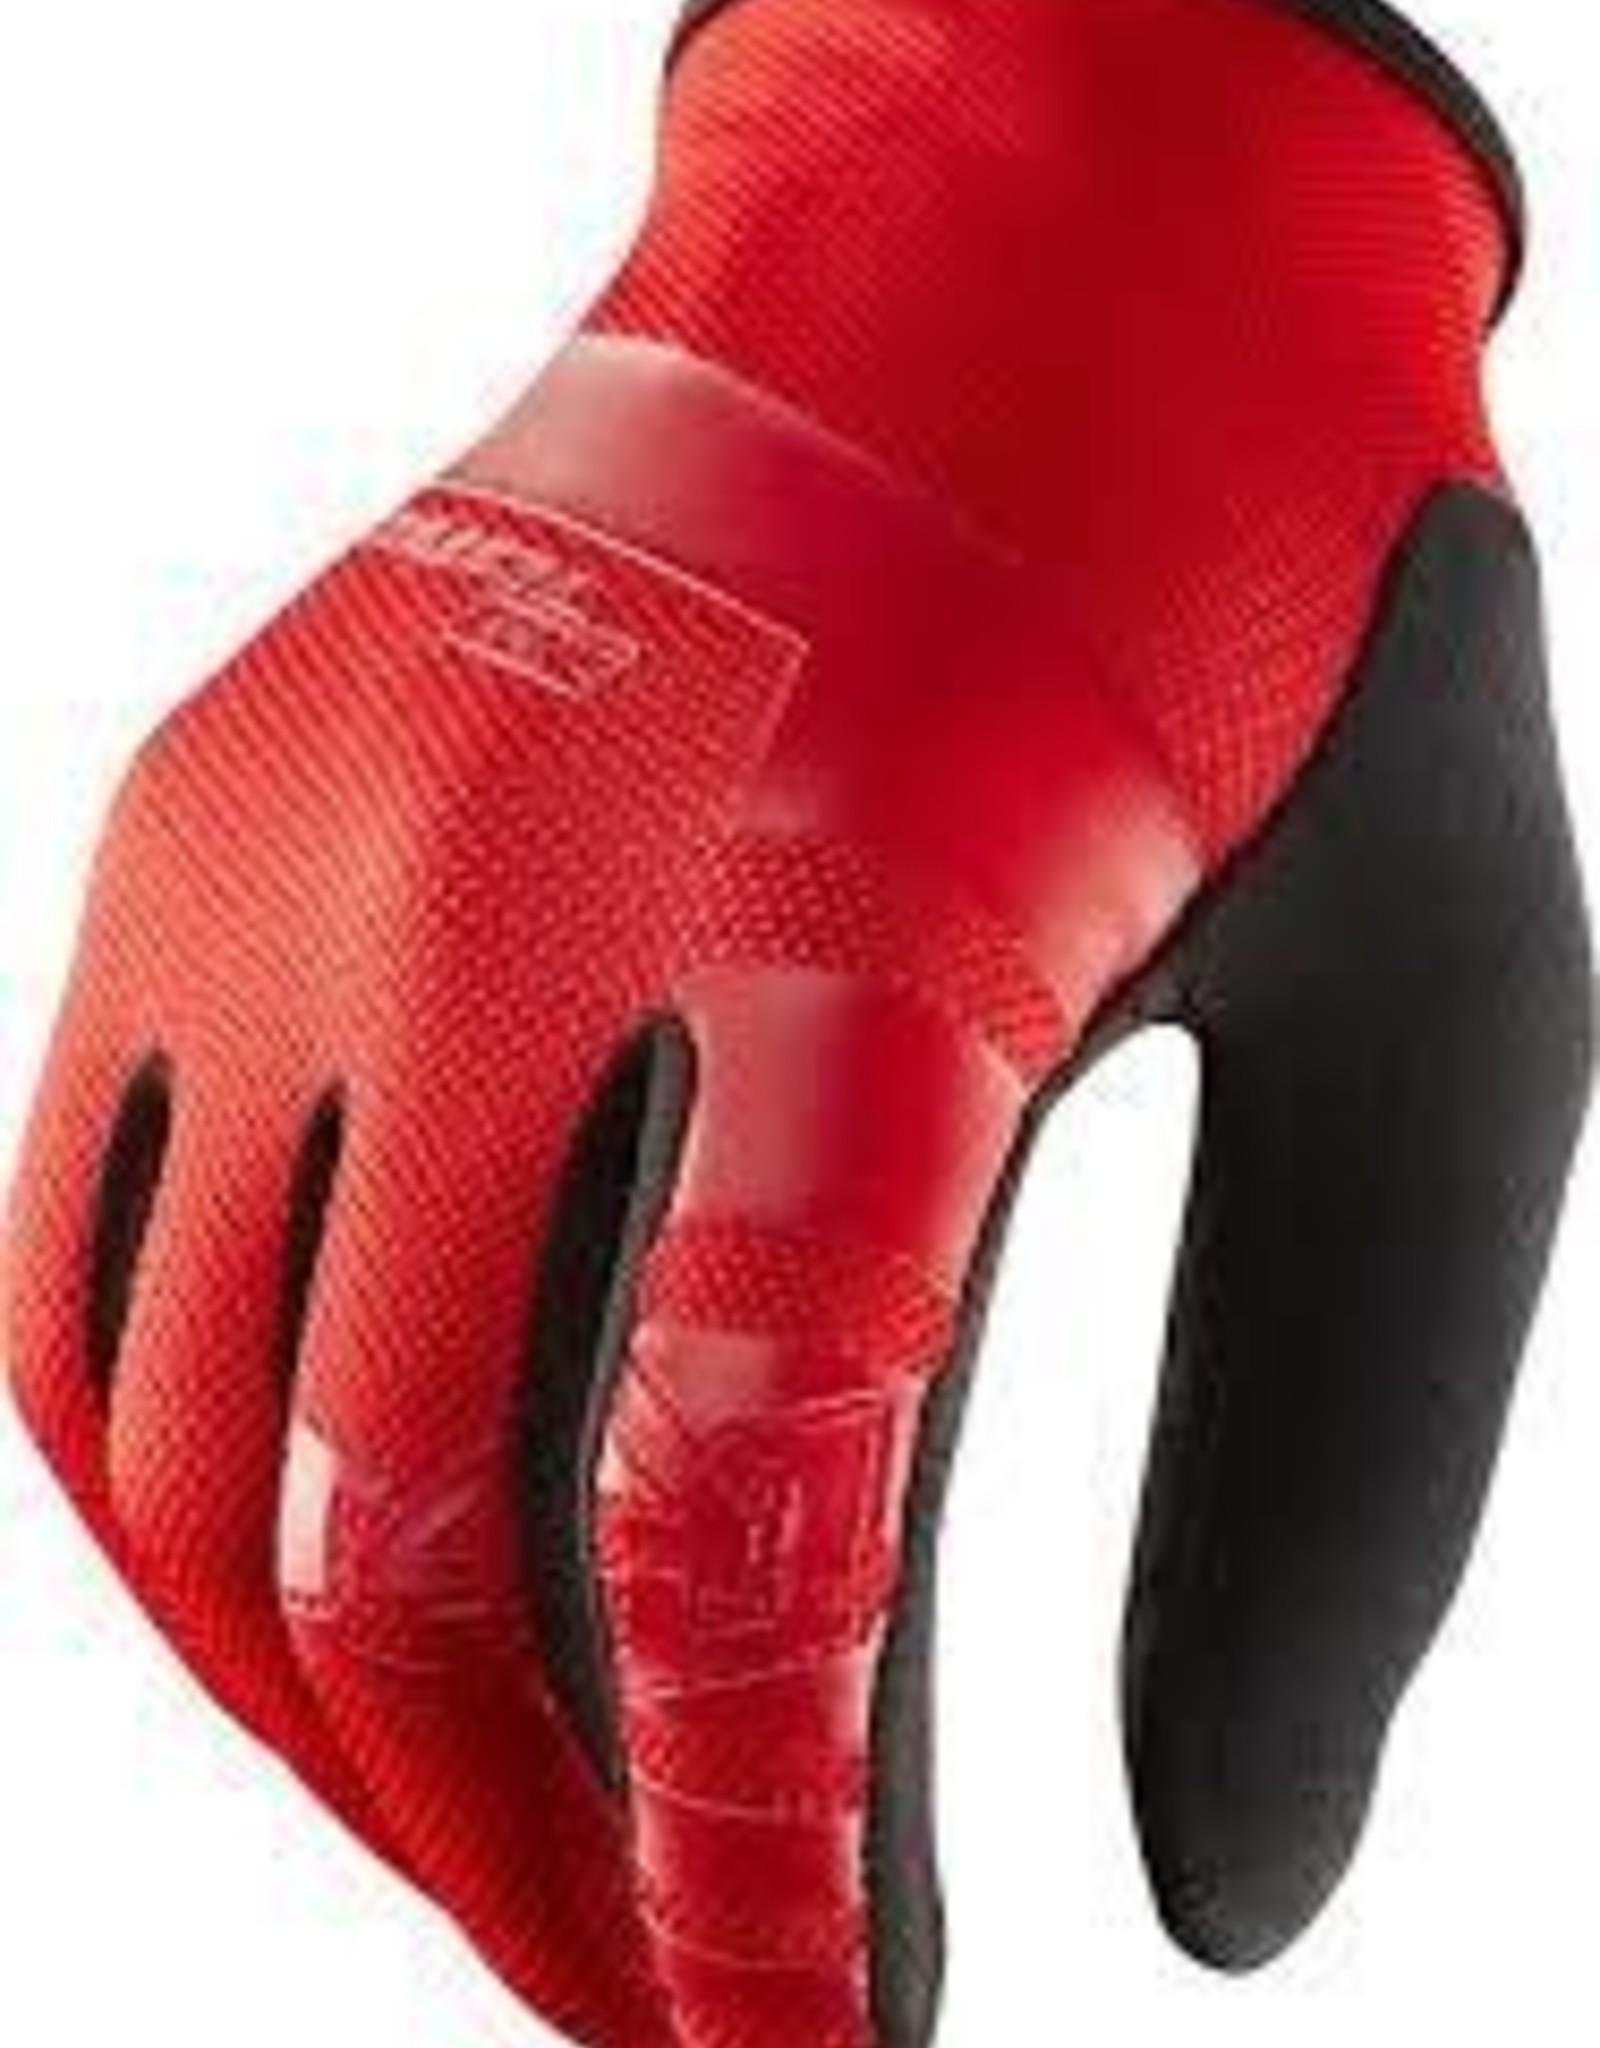 Royal Core Men's Full Finger Glove: Flo Red/Black LG